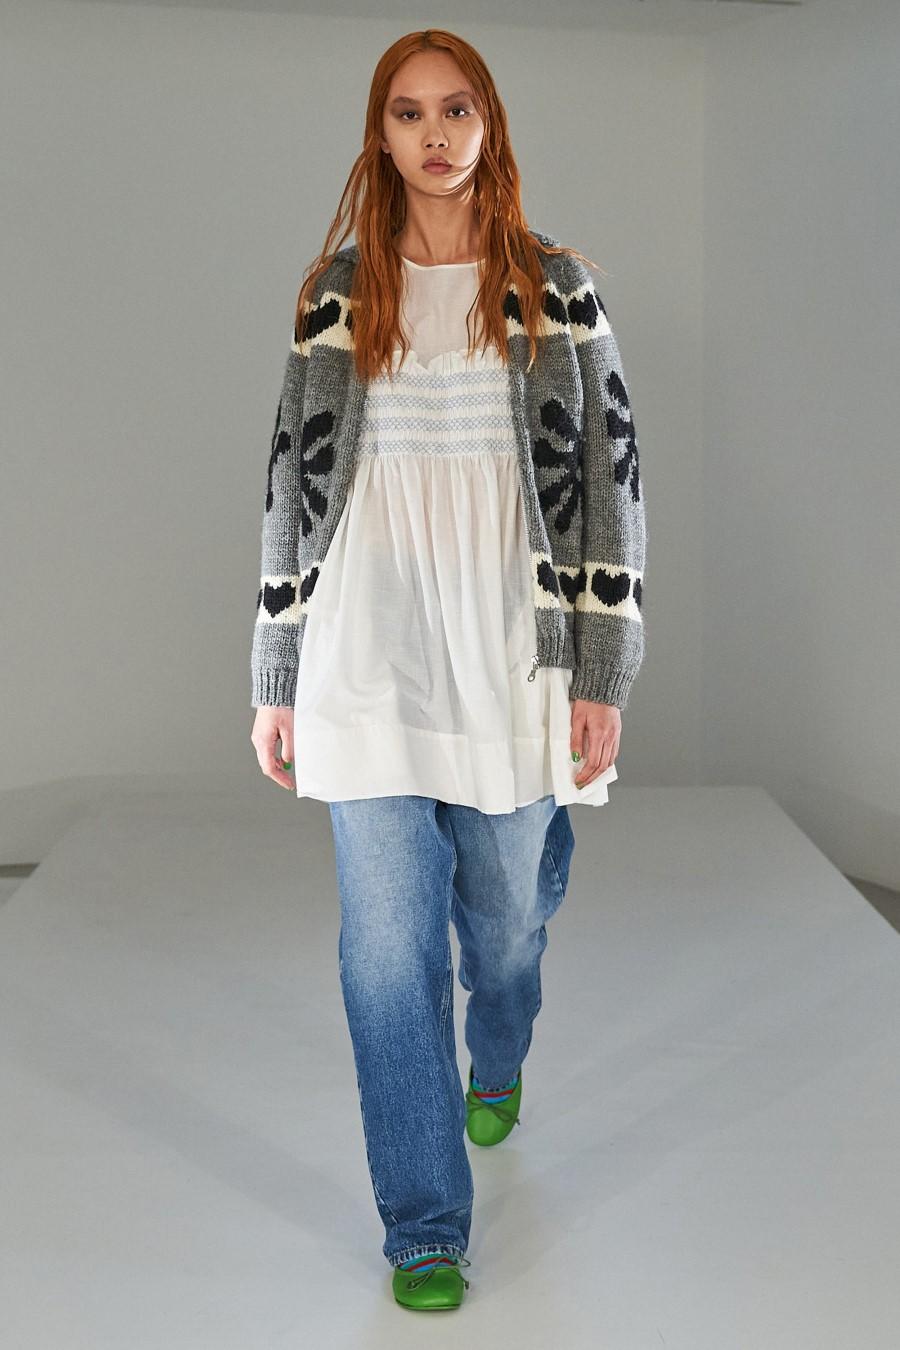 Molly Goddard Spring Summer 2022 - London Fashion Week